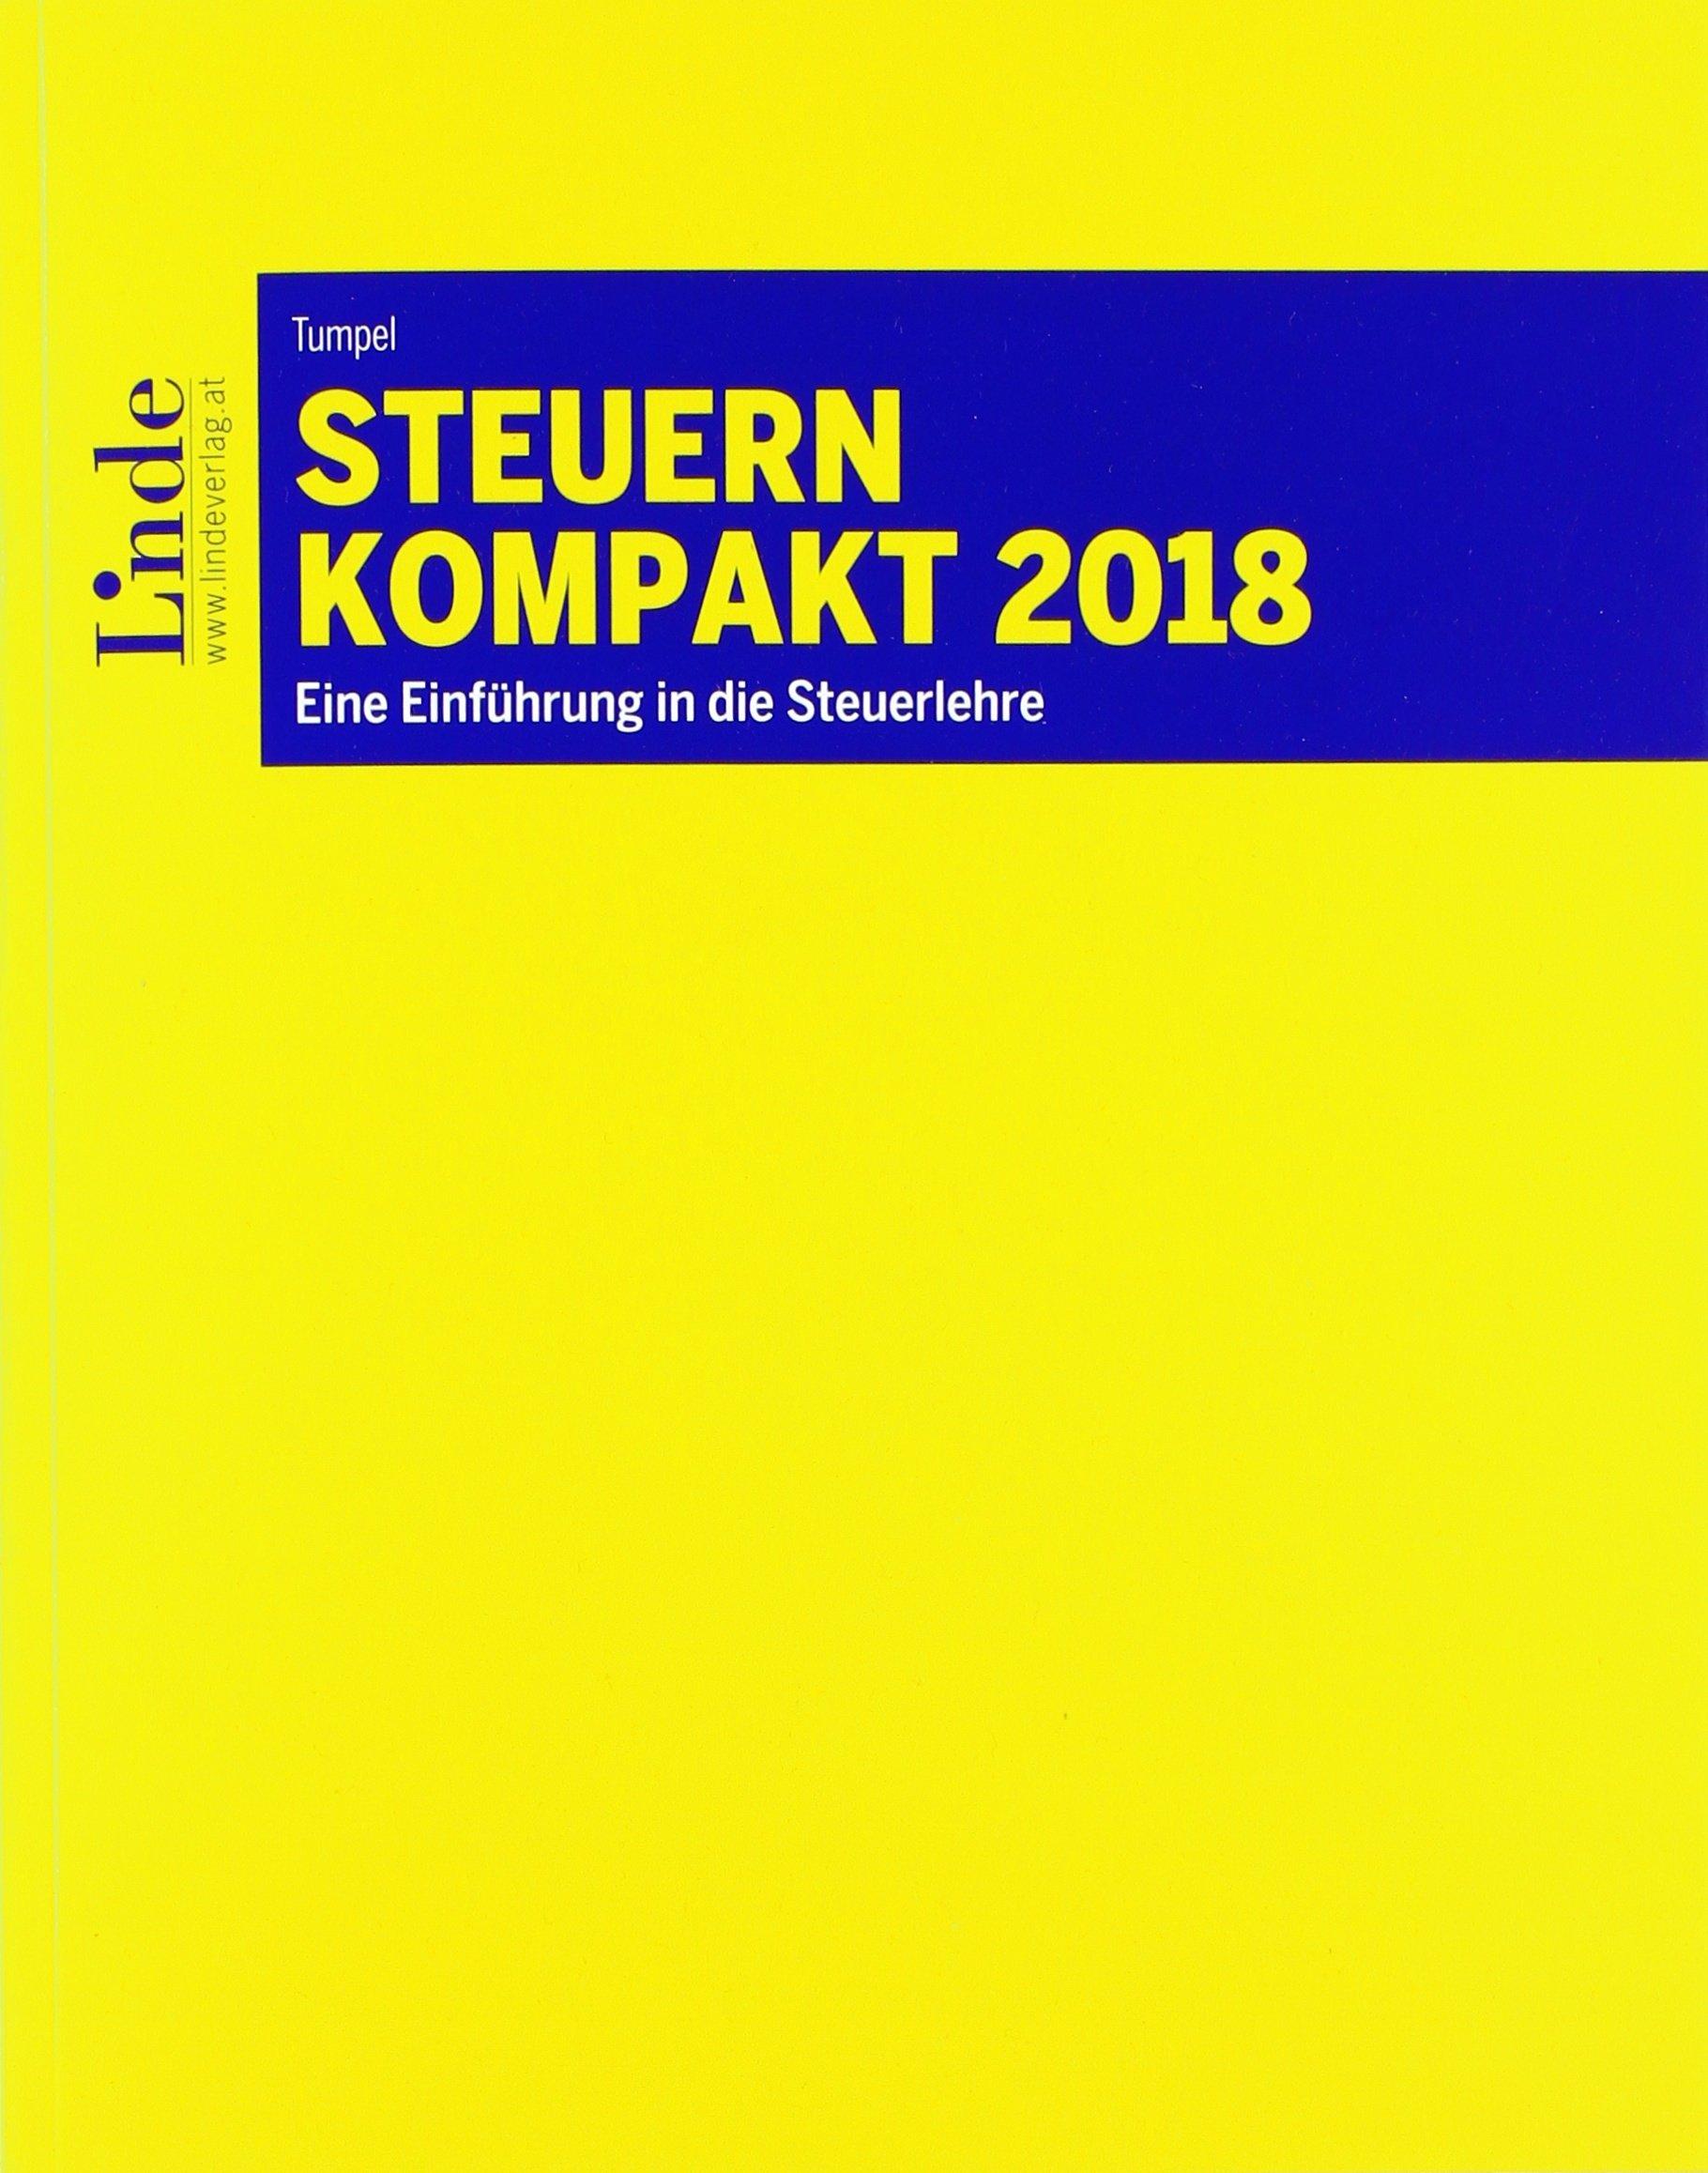 Steuern kompakt 2018: Eine Einführung in die Steuerlehre (Linde Lehrbuch) Taschenbuch – 9. Februar 2018 Michael Tumpel Linde Verlag Ges.m.b.H. 370733810X LAW086000